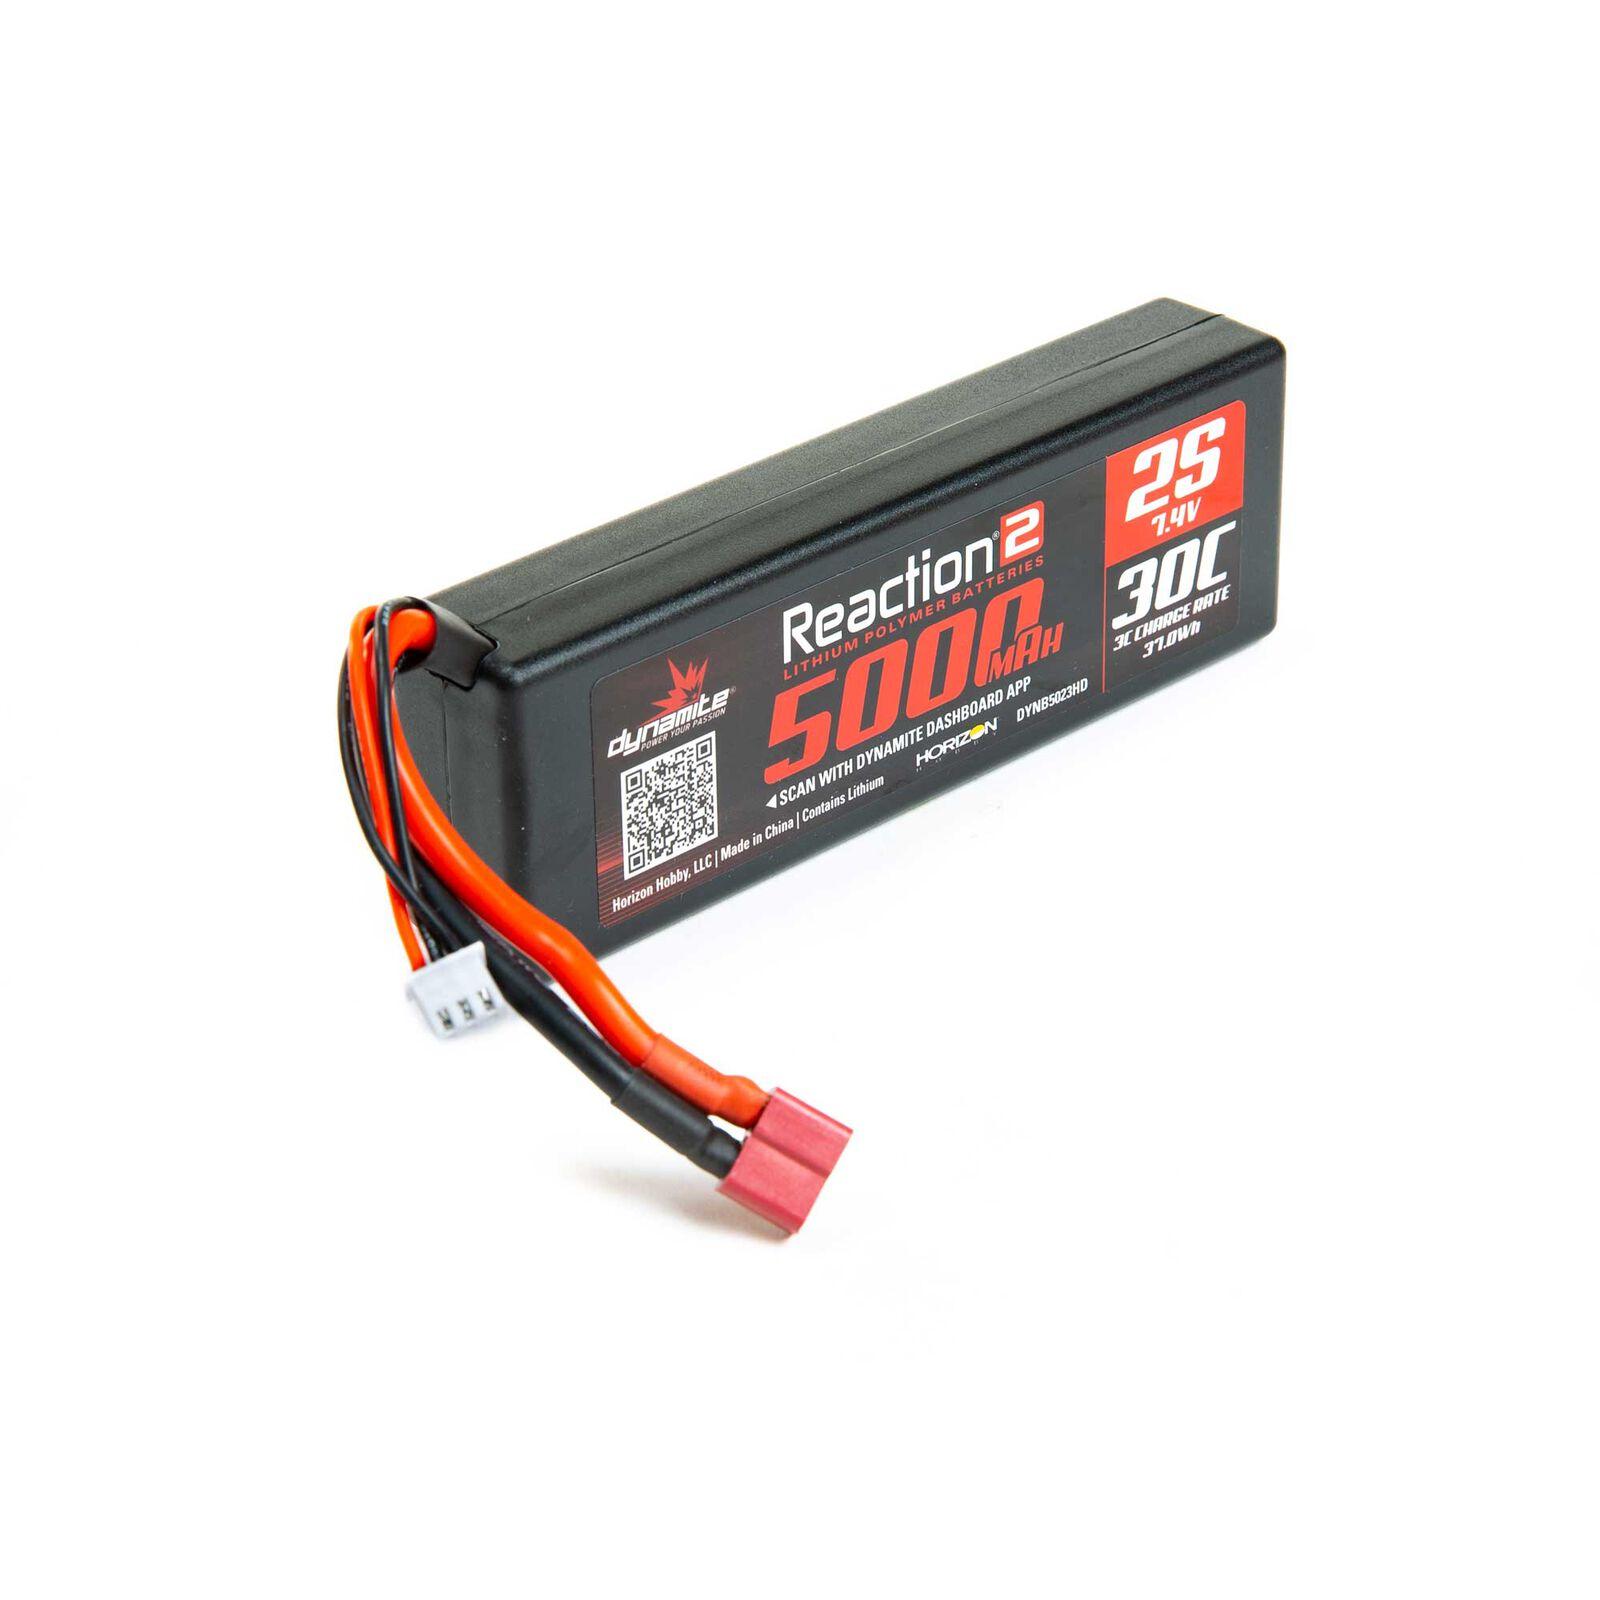 7.4V 5000mAh 2S 30C Reaction 2.0 Hardcase LiPo Battery: Deans